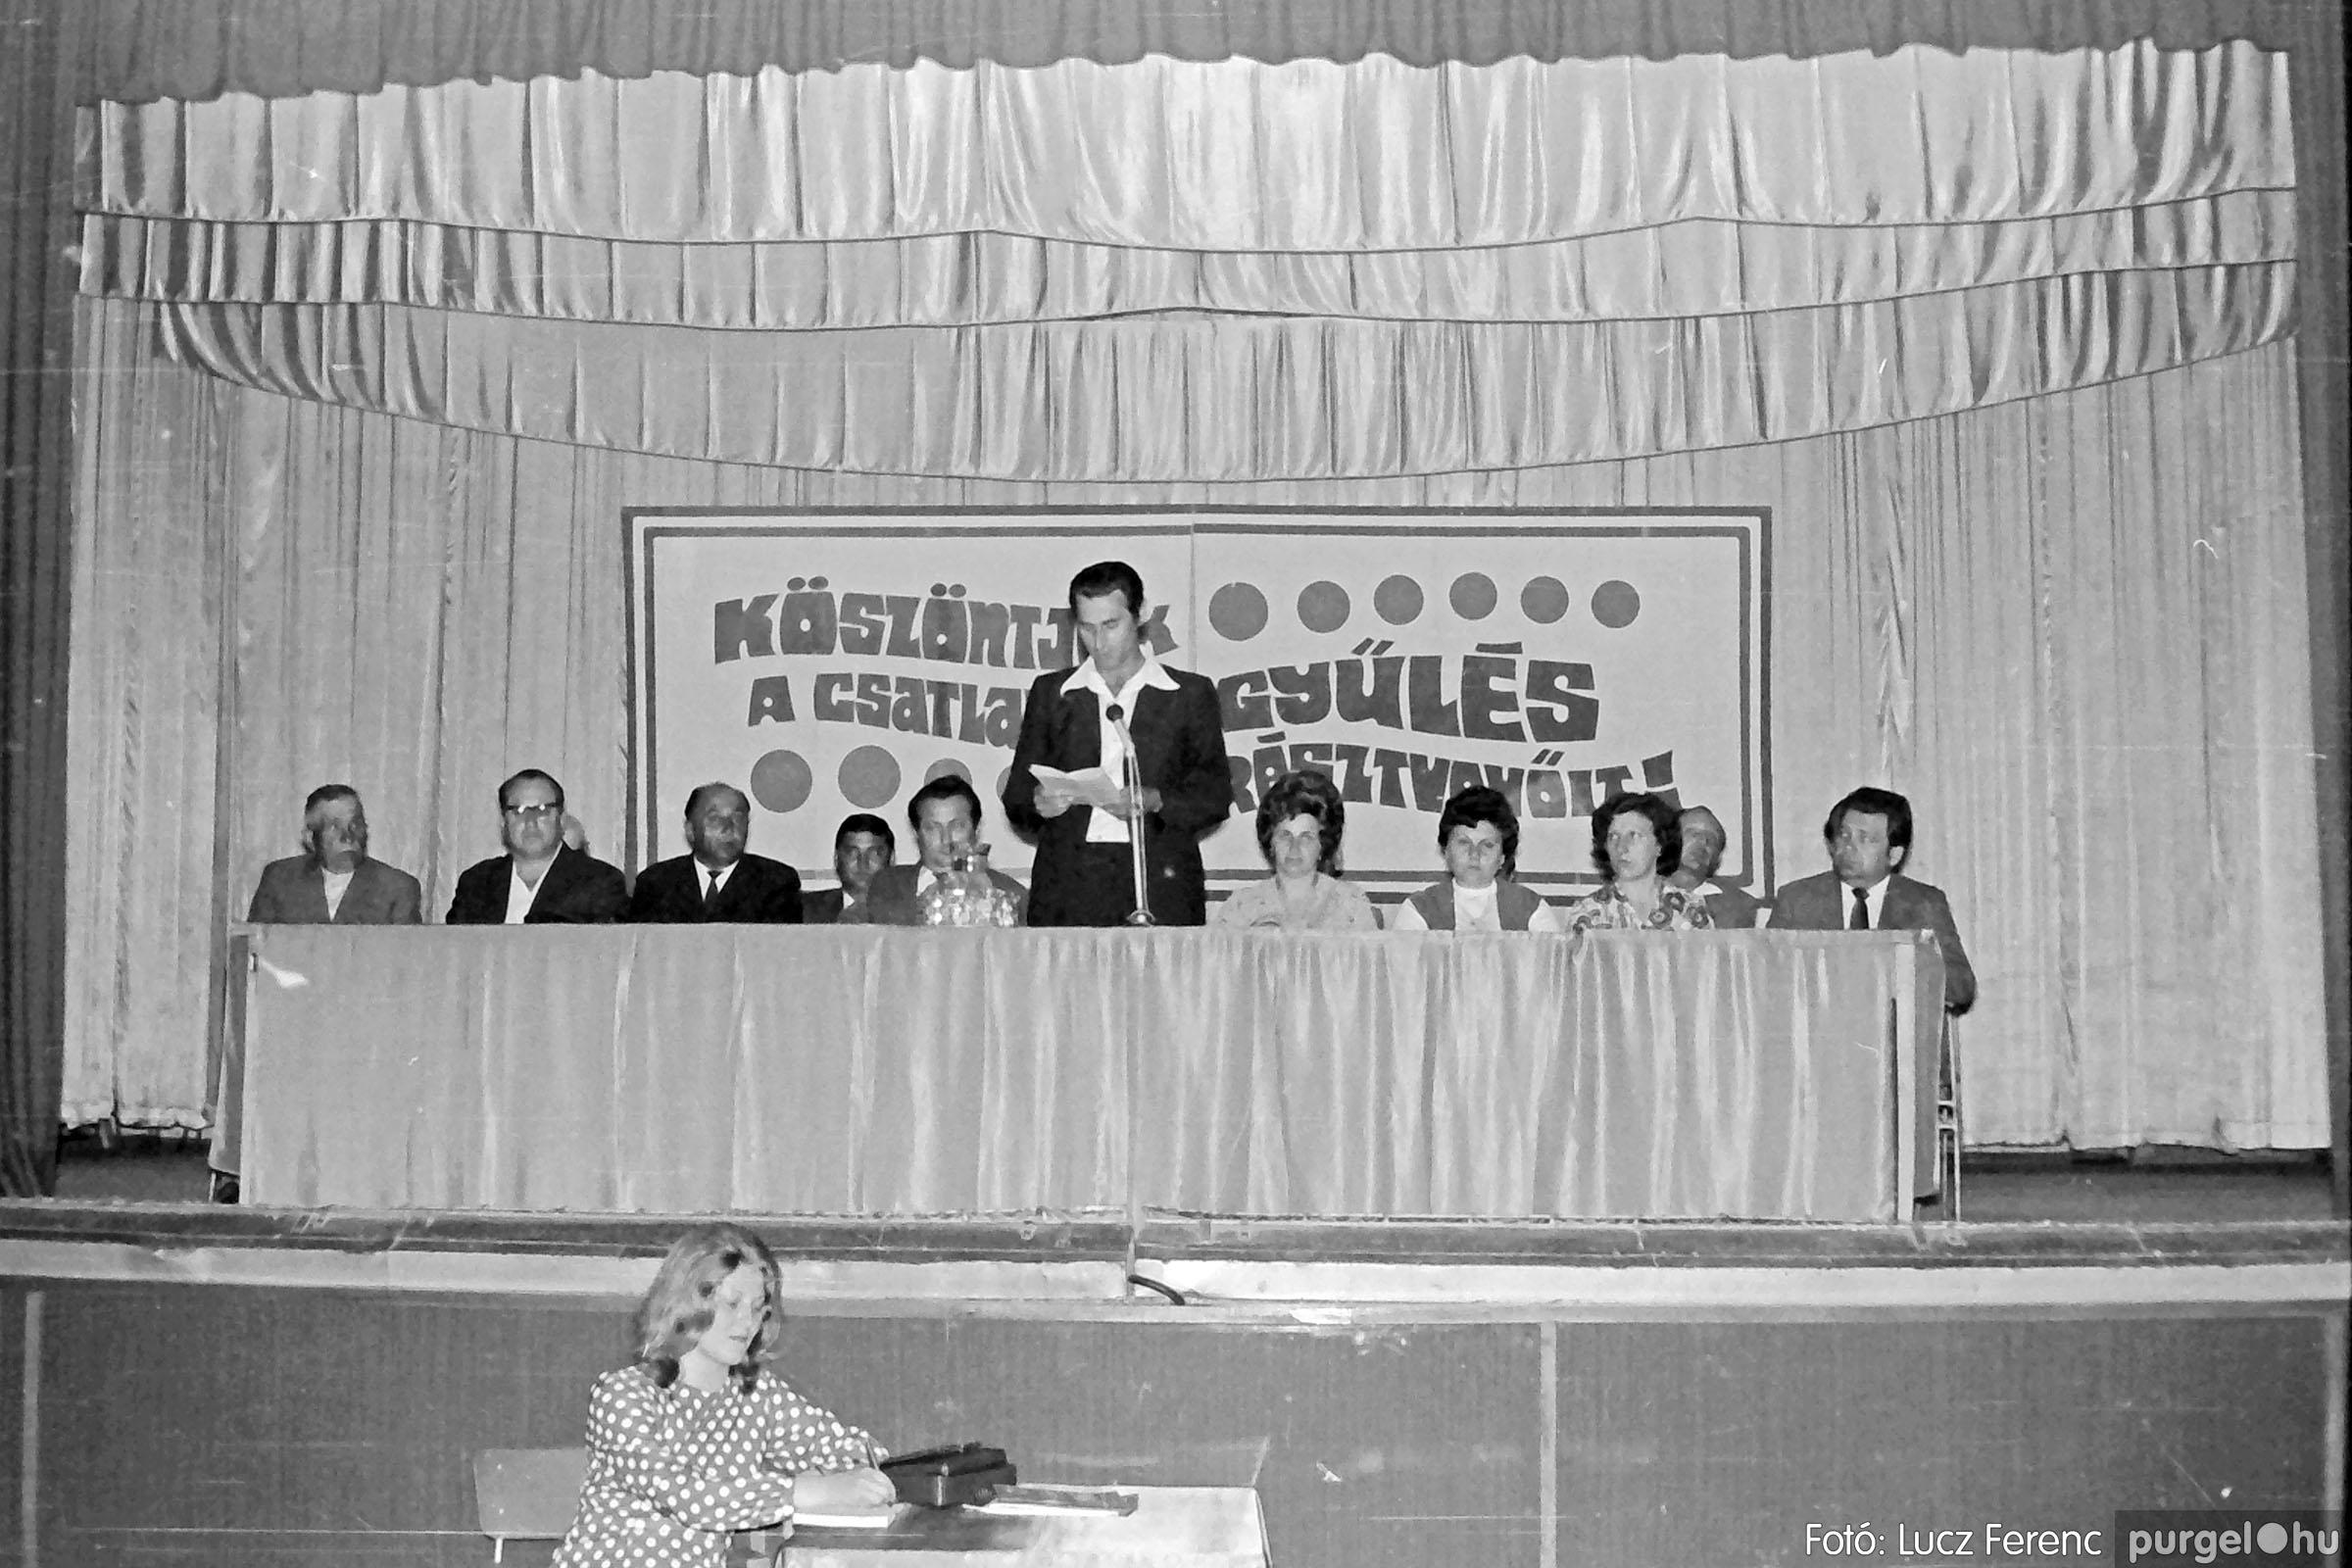 016 1975. Csatlakozó gyűlés a kultúrházban 006 - Fotó: Lucz Ferenc IMG00179.JPG